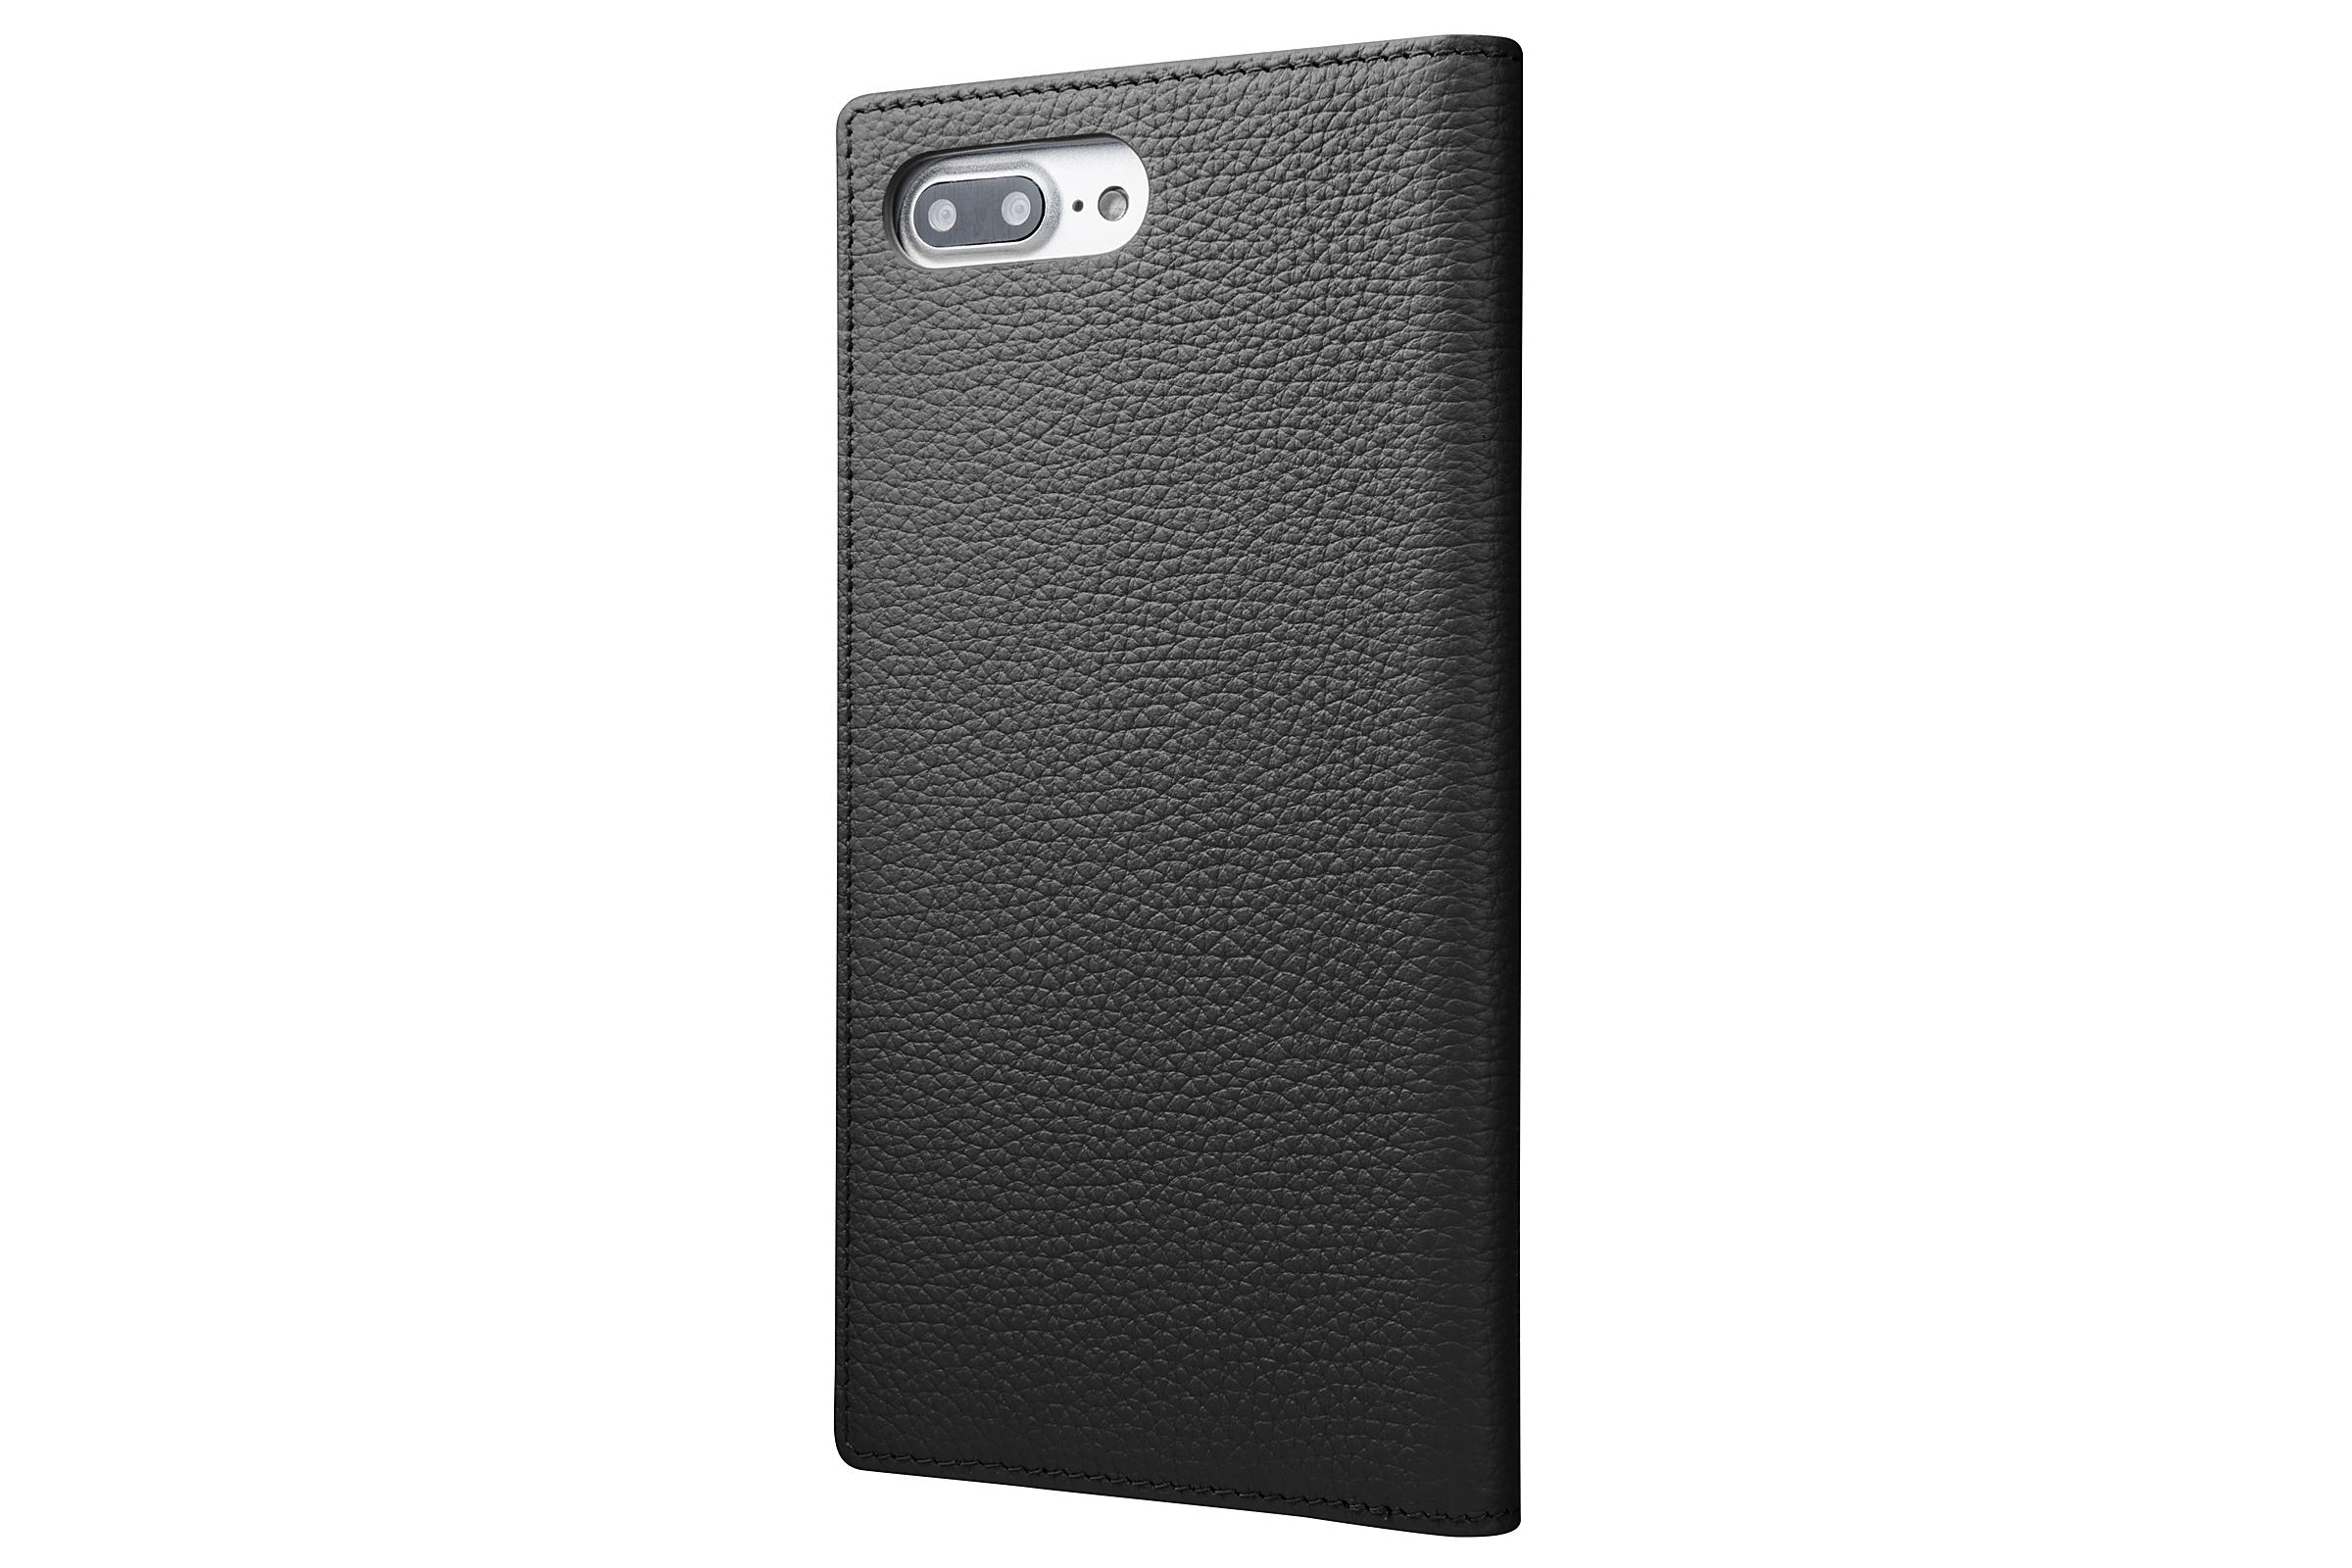 GRAMAS Shrunken-calf Full Leather Case for iPhone 7 Plus(Black) シュランケンカーフ 手帳型フルレザーケース - 画像2